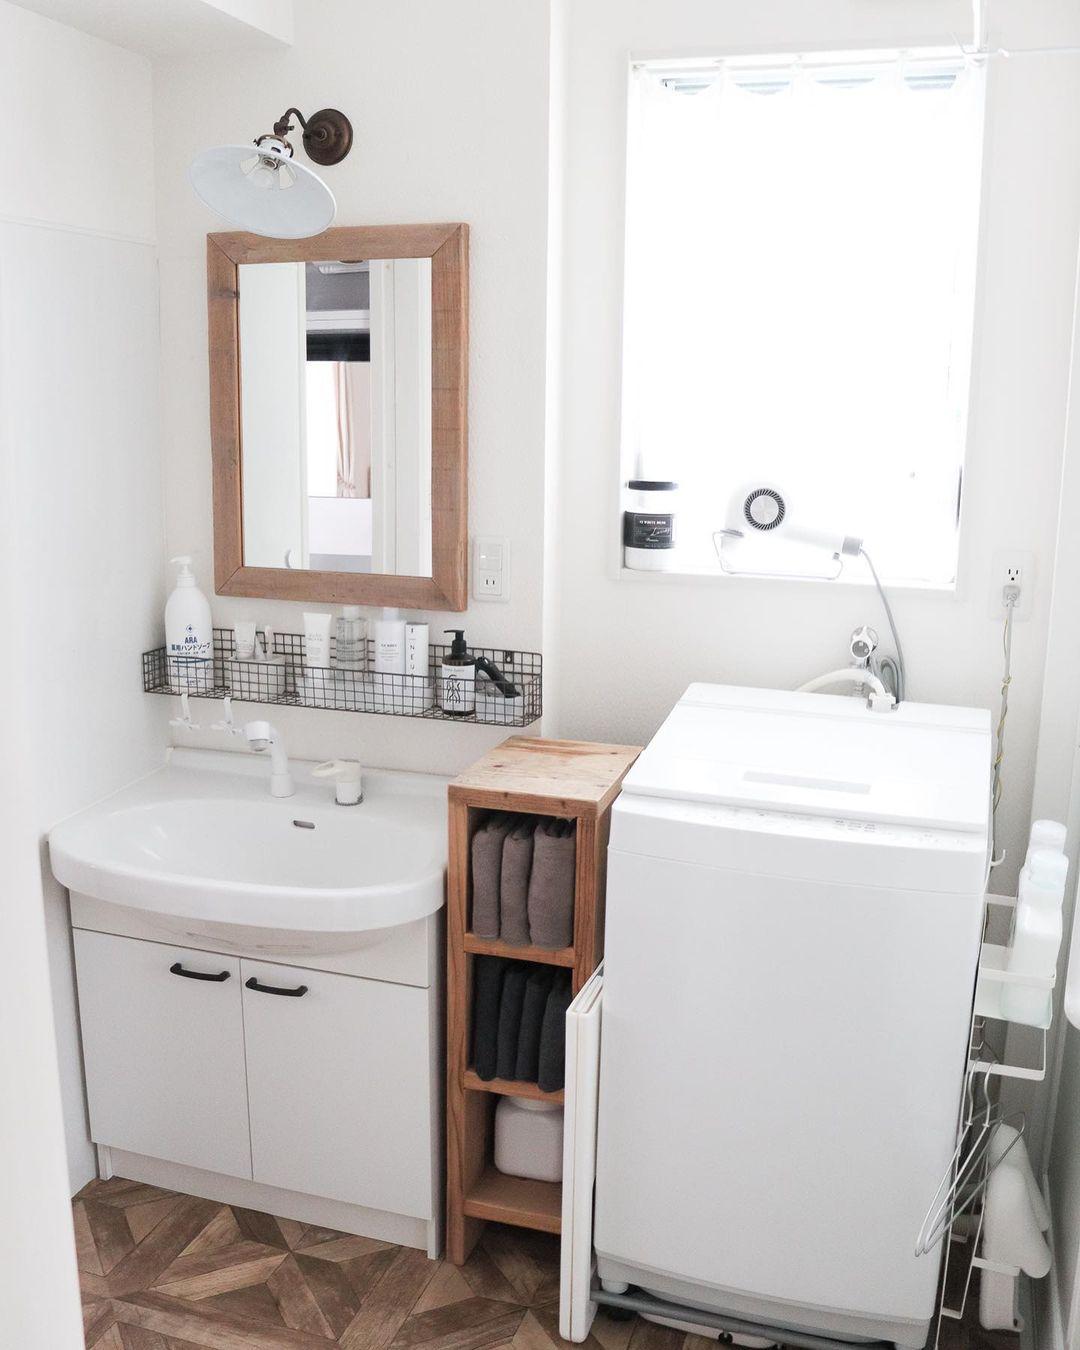 整理整頓された綺麗な洗面所